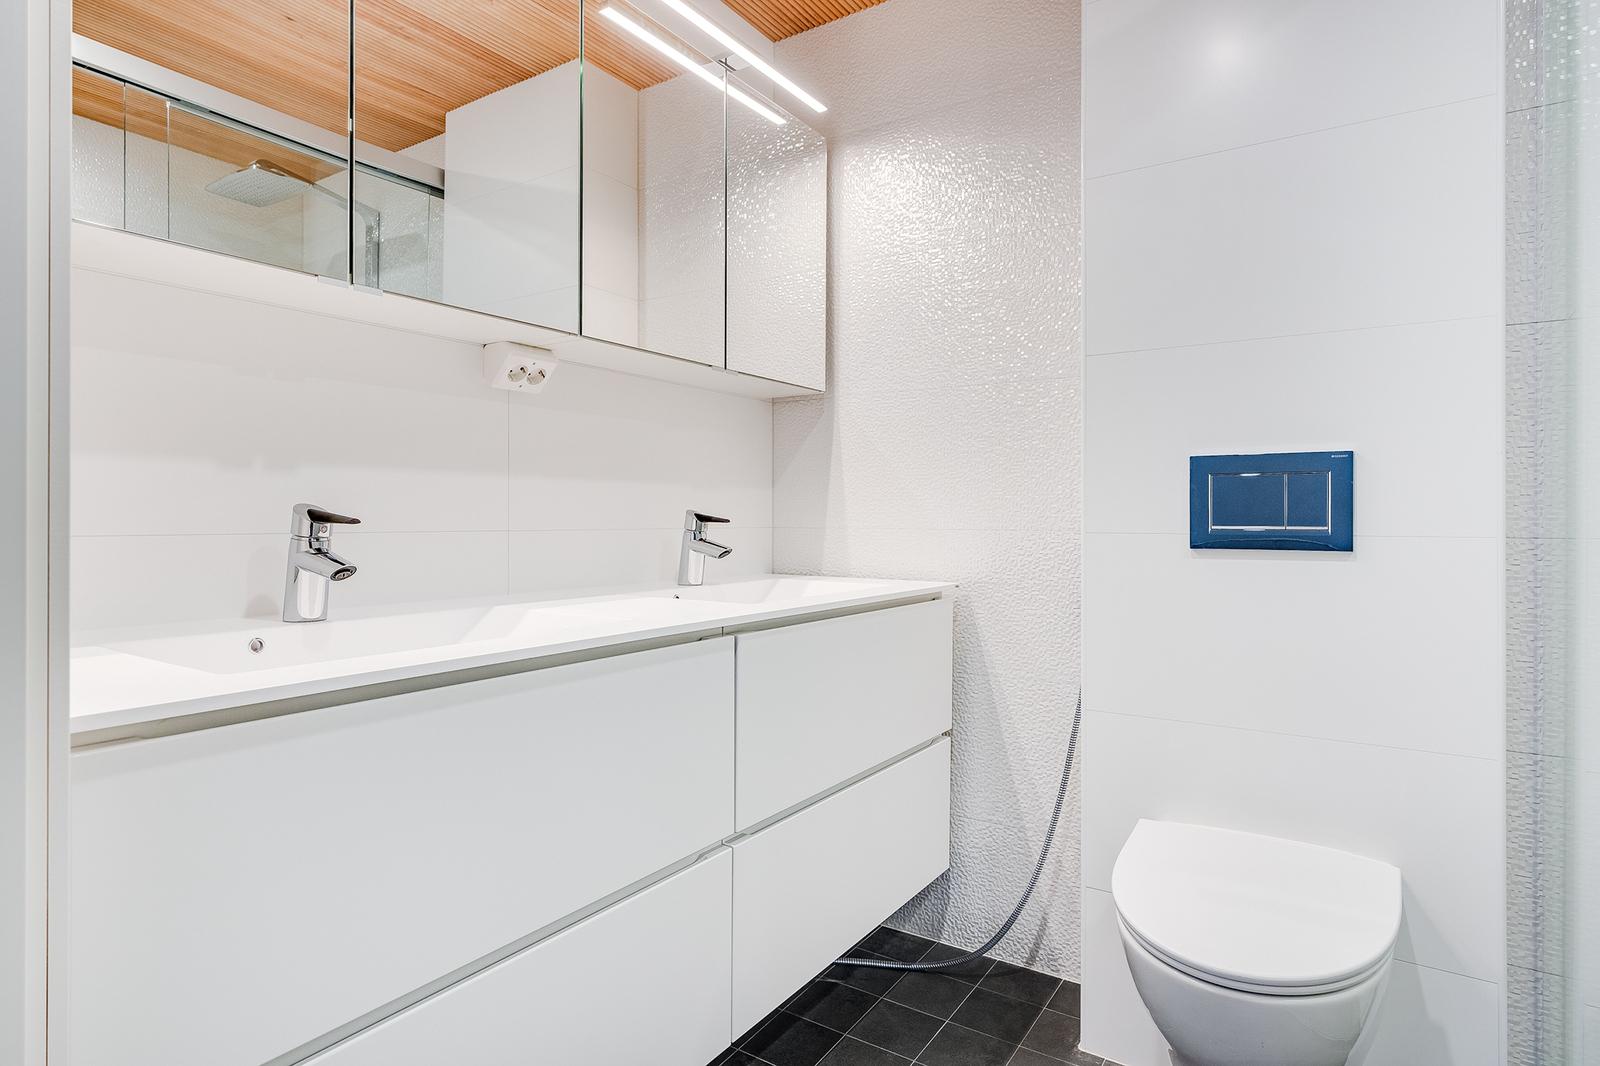 Päämakuuhuoneen kylpyhuoneessa on allas ja peilikaapisto toteutettu tuplana